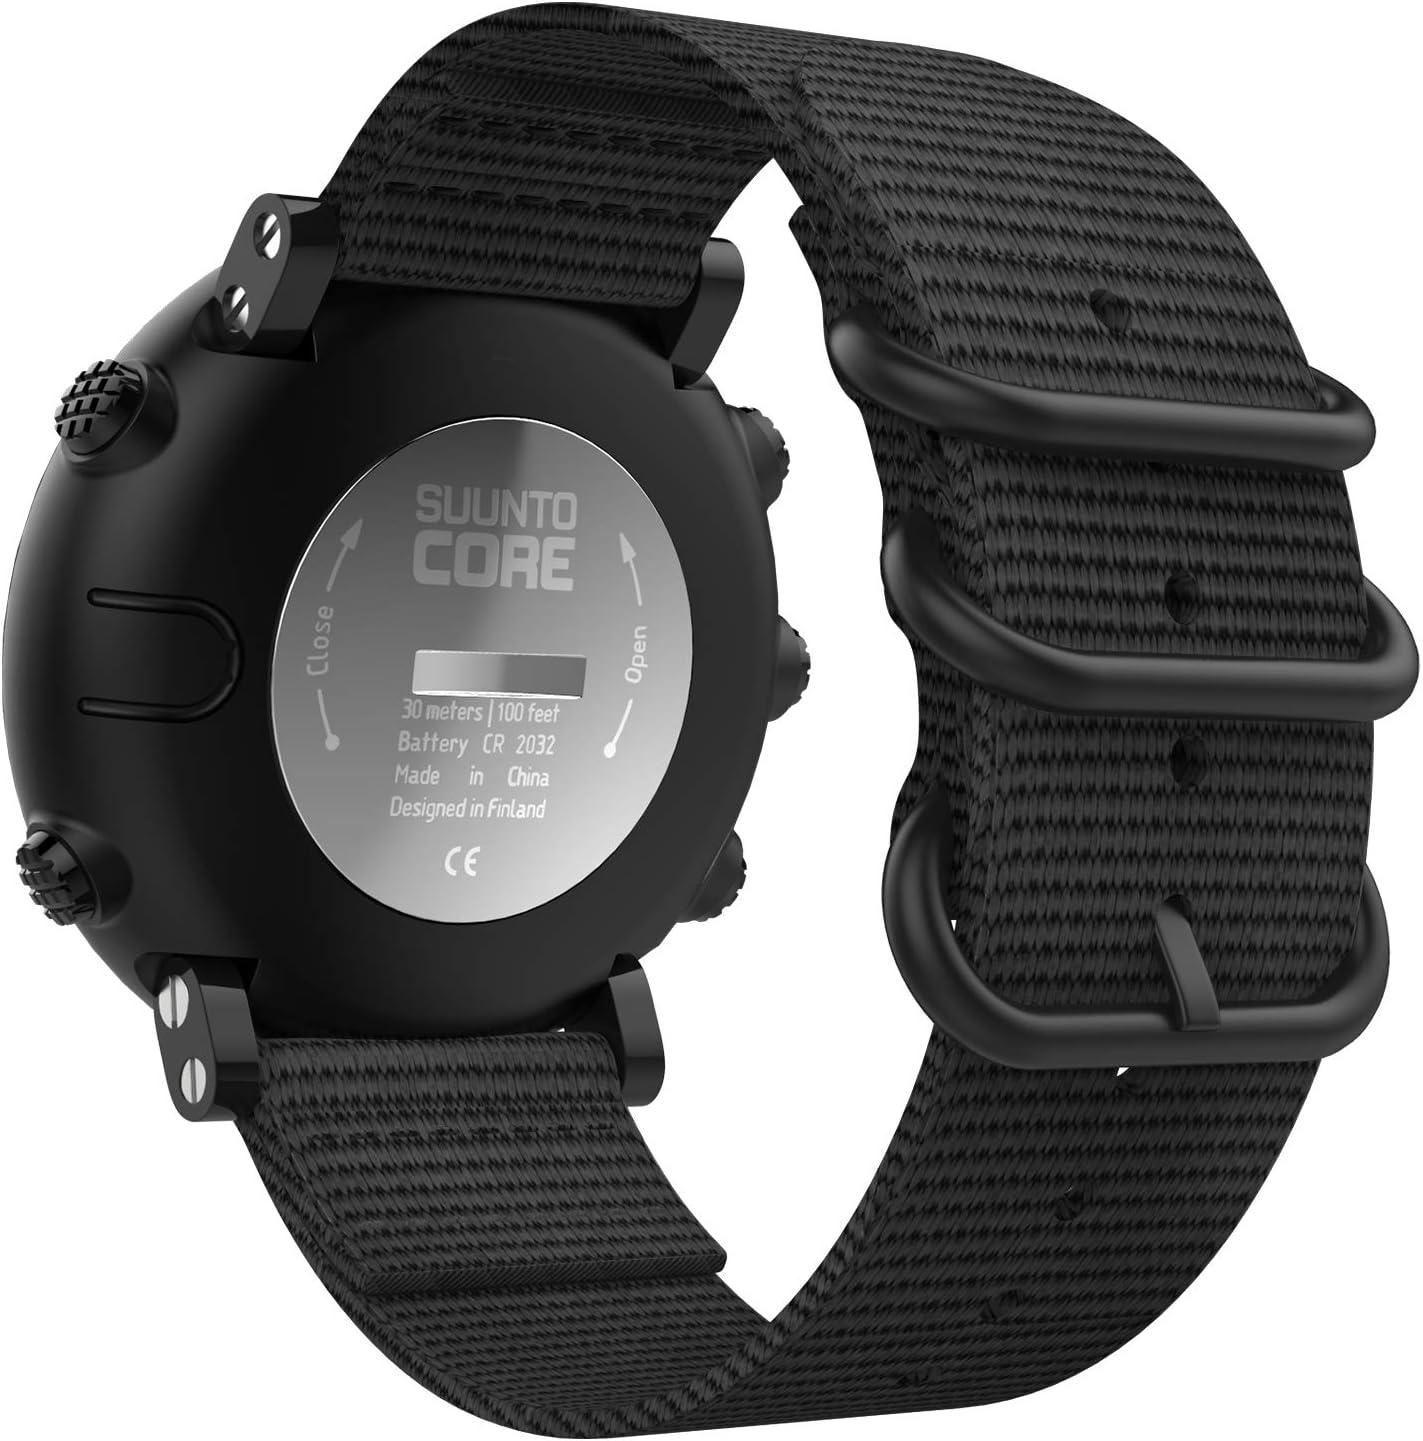 MoKo Pulsera para Suunto Core, Pulsera Deportivo de Reloj de Silicona, Pulsera Ajustable con Cierre de Clip - Negro